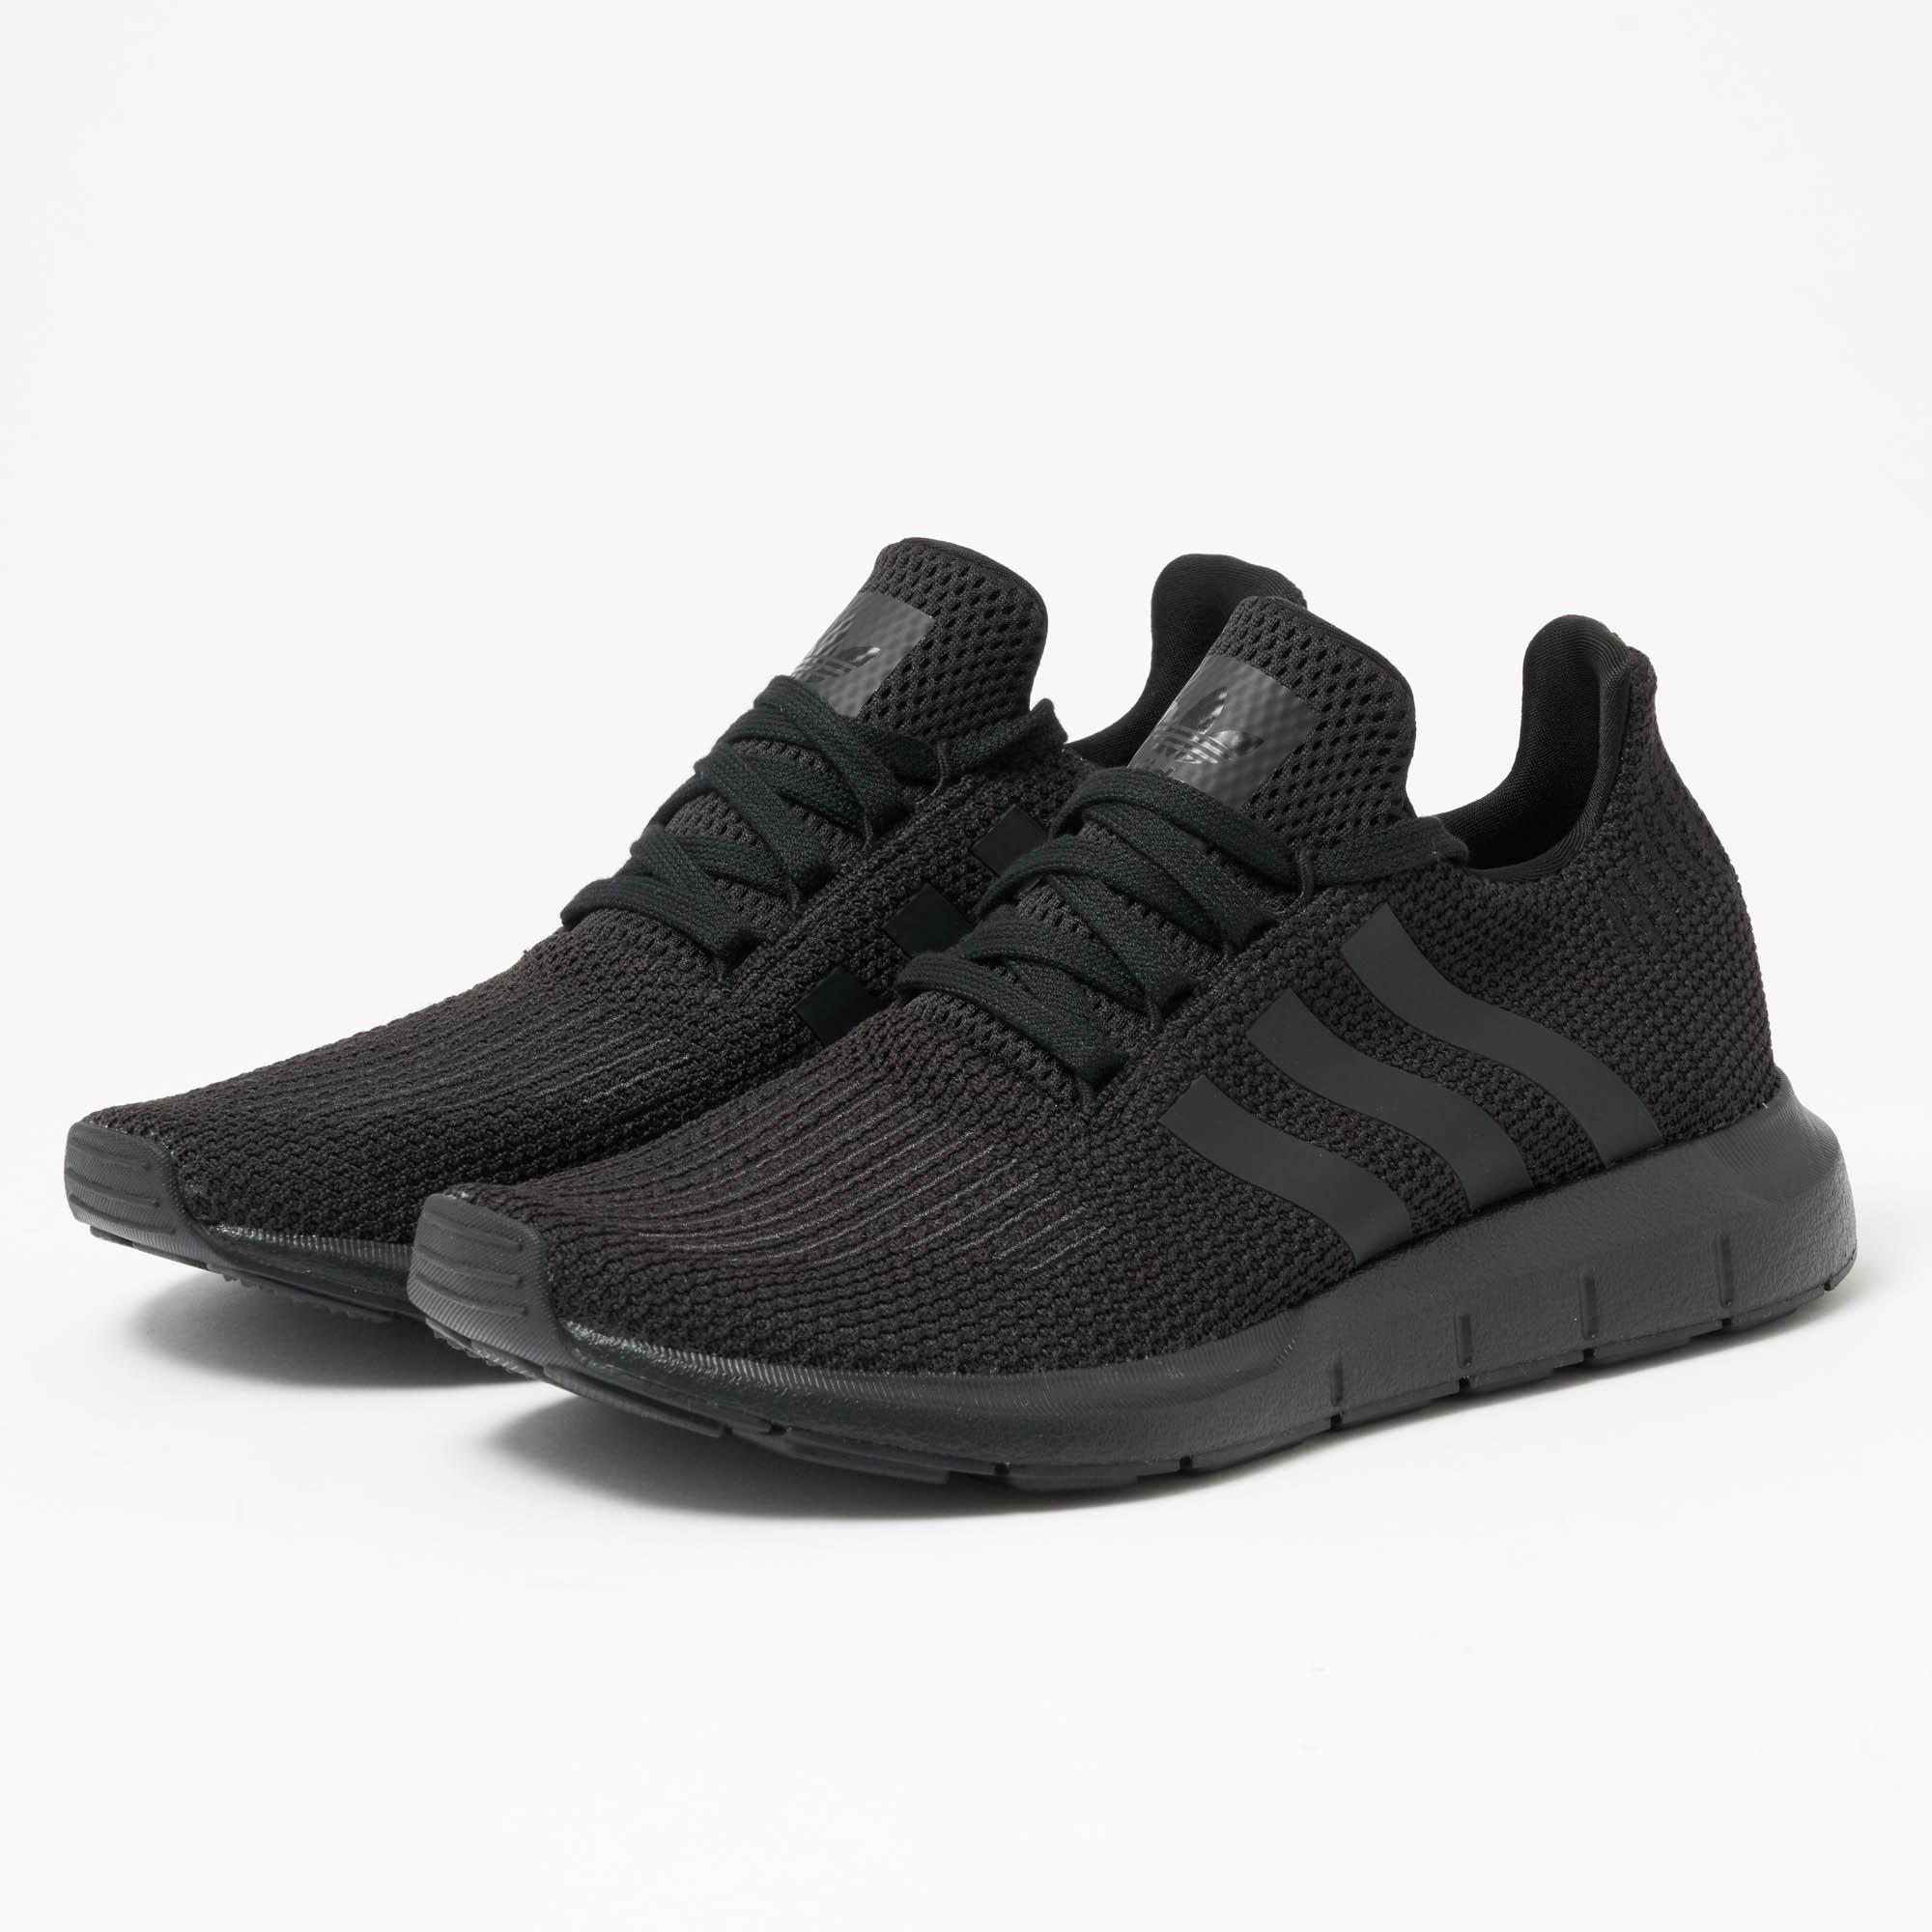 59e25edd708c Adidas Originals Swift Run in Black for Men - Lyst